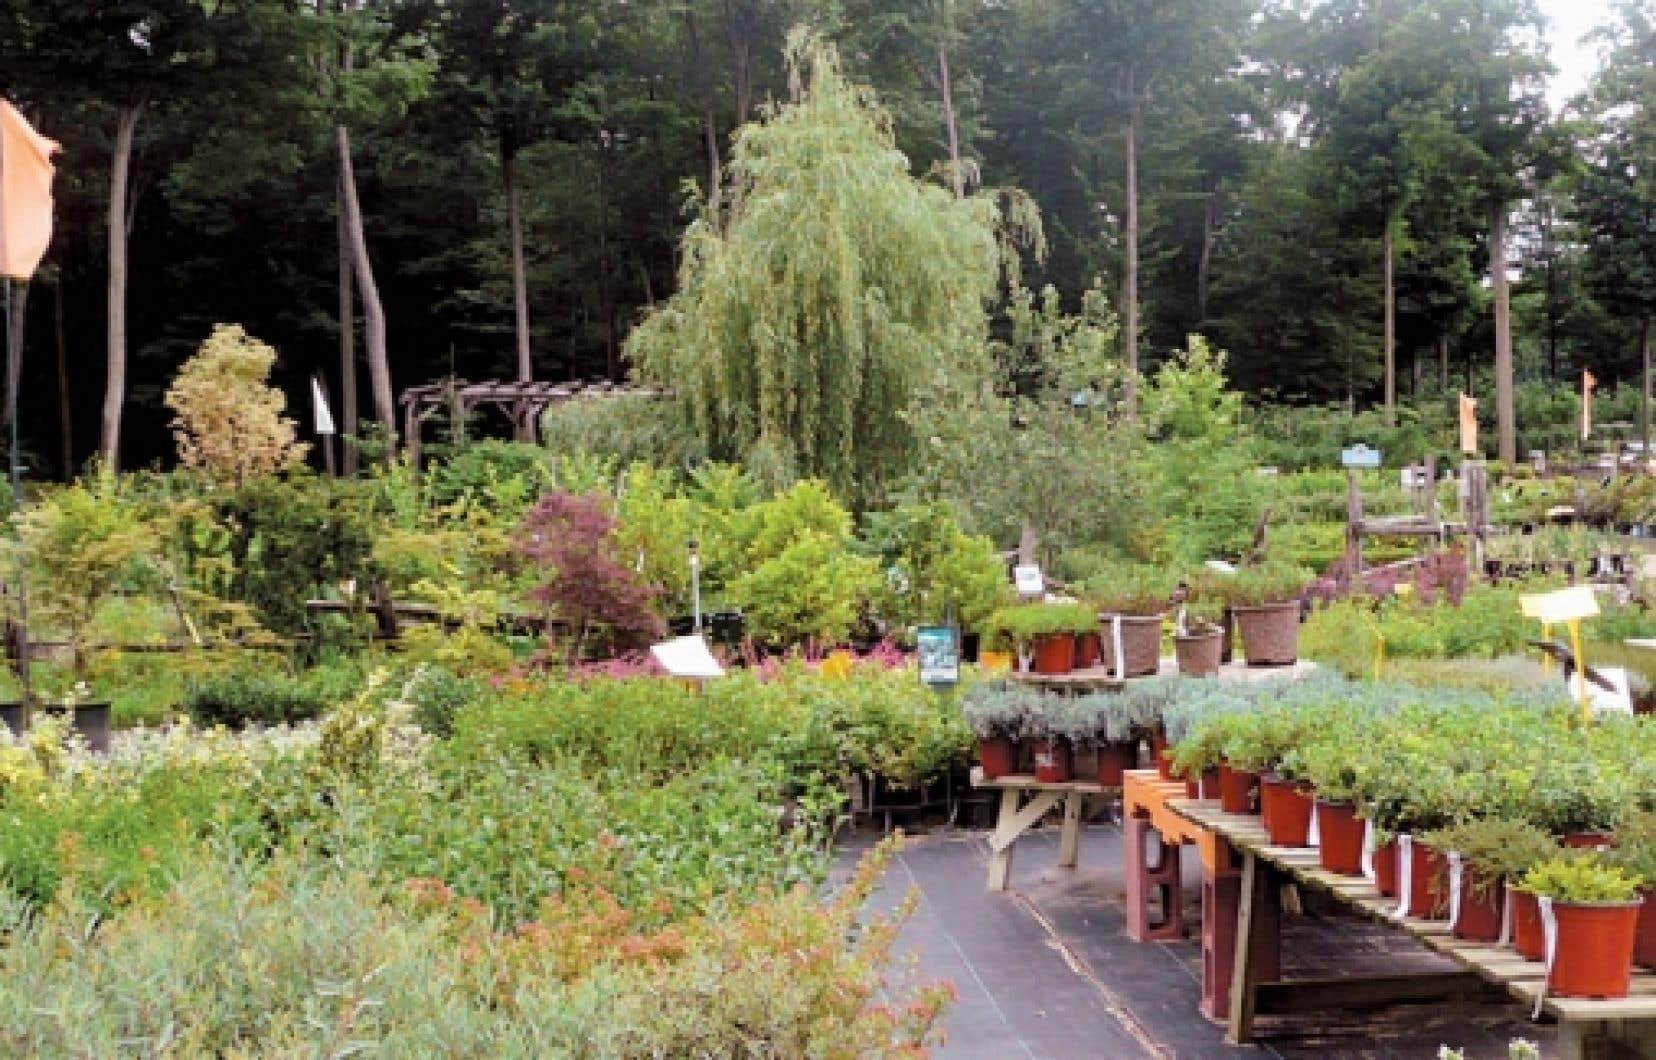 La P&eacute;pini&egrave;re Villeneuve, &agrave; L&rsquo;Assomption, offre une diversit&eacute; de services et de plantes rarement &eacute;gal&eacute;e, dans un d&eacute;cor enchanteur.<br />